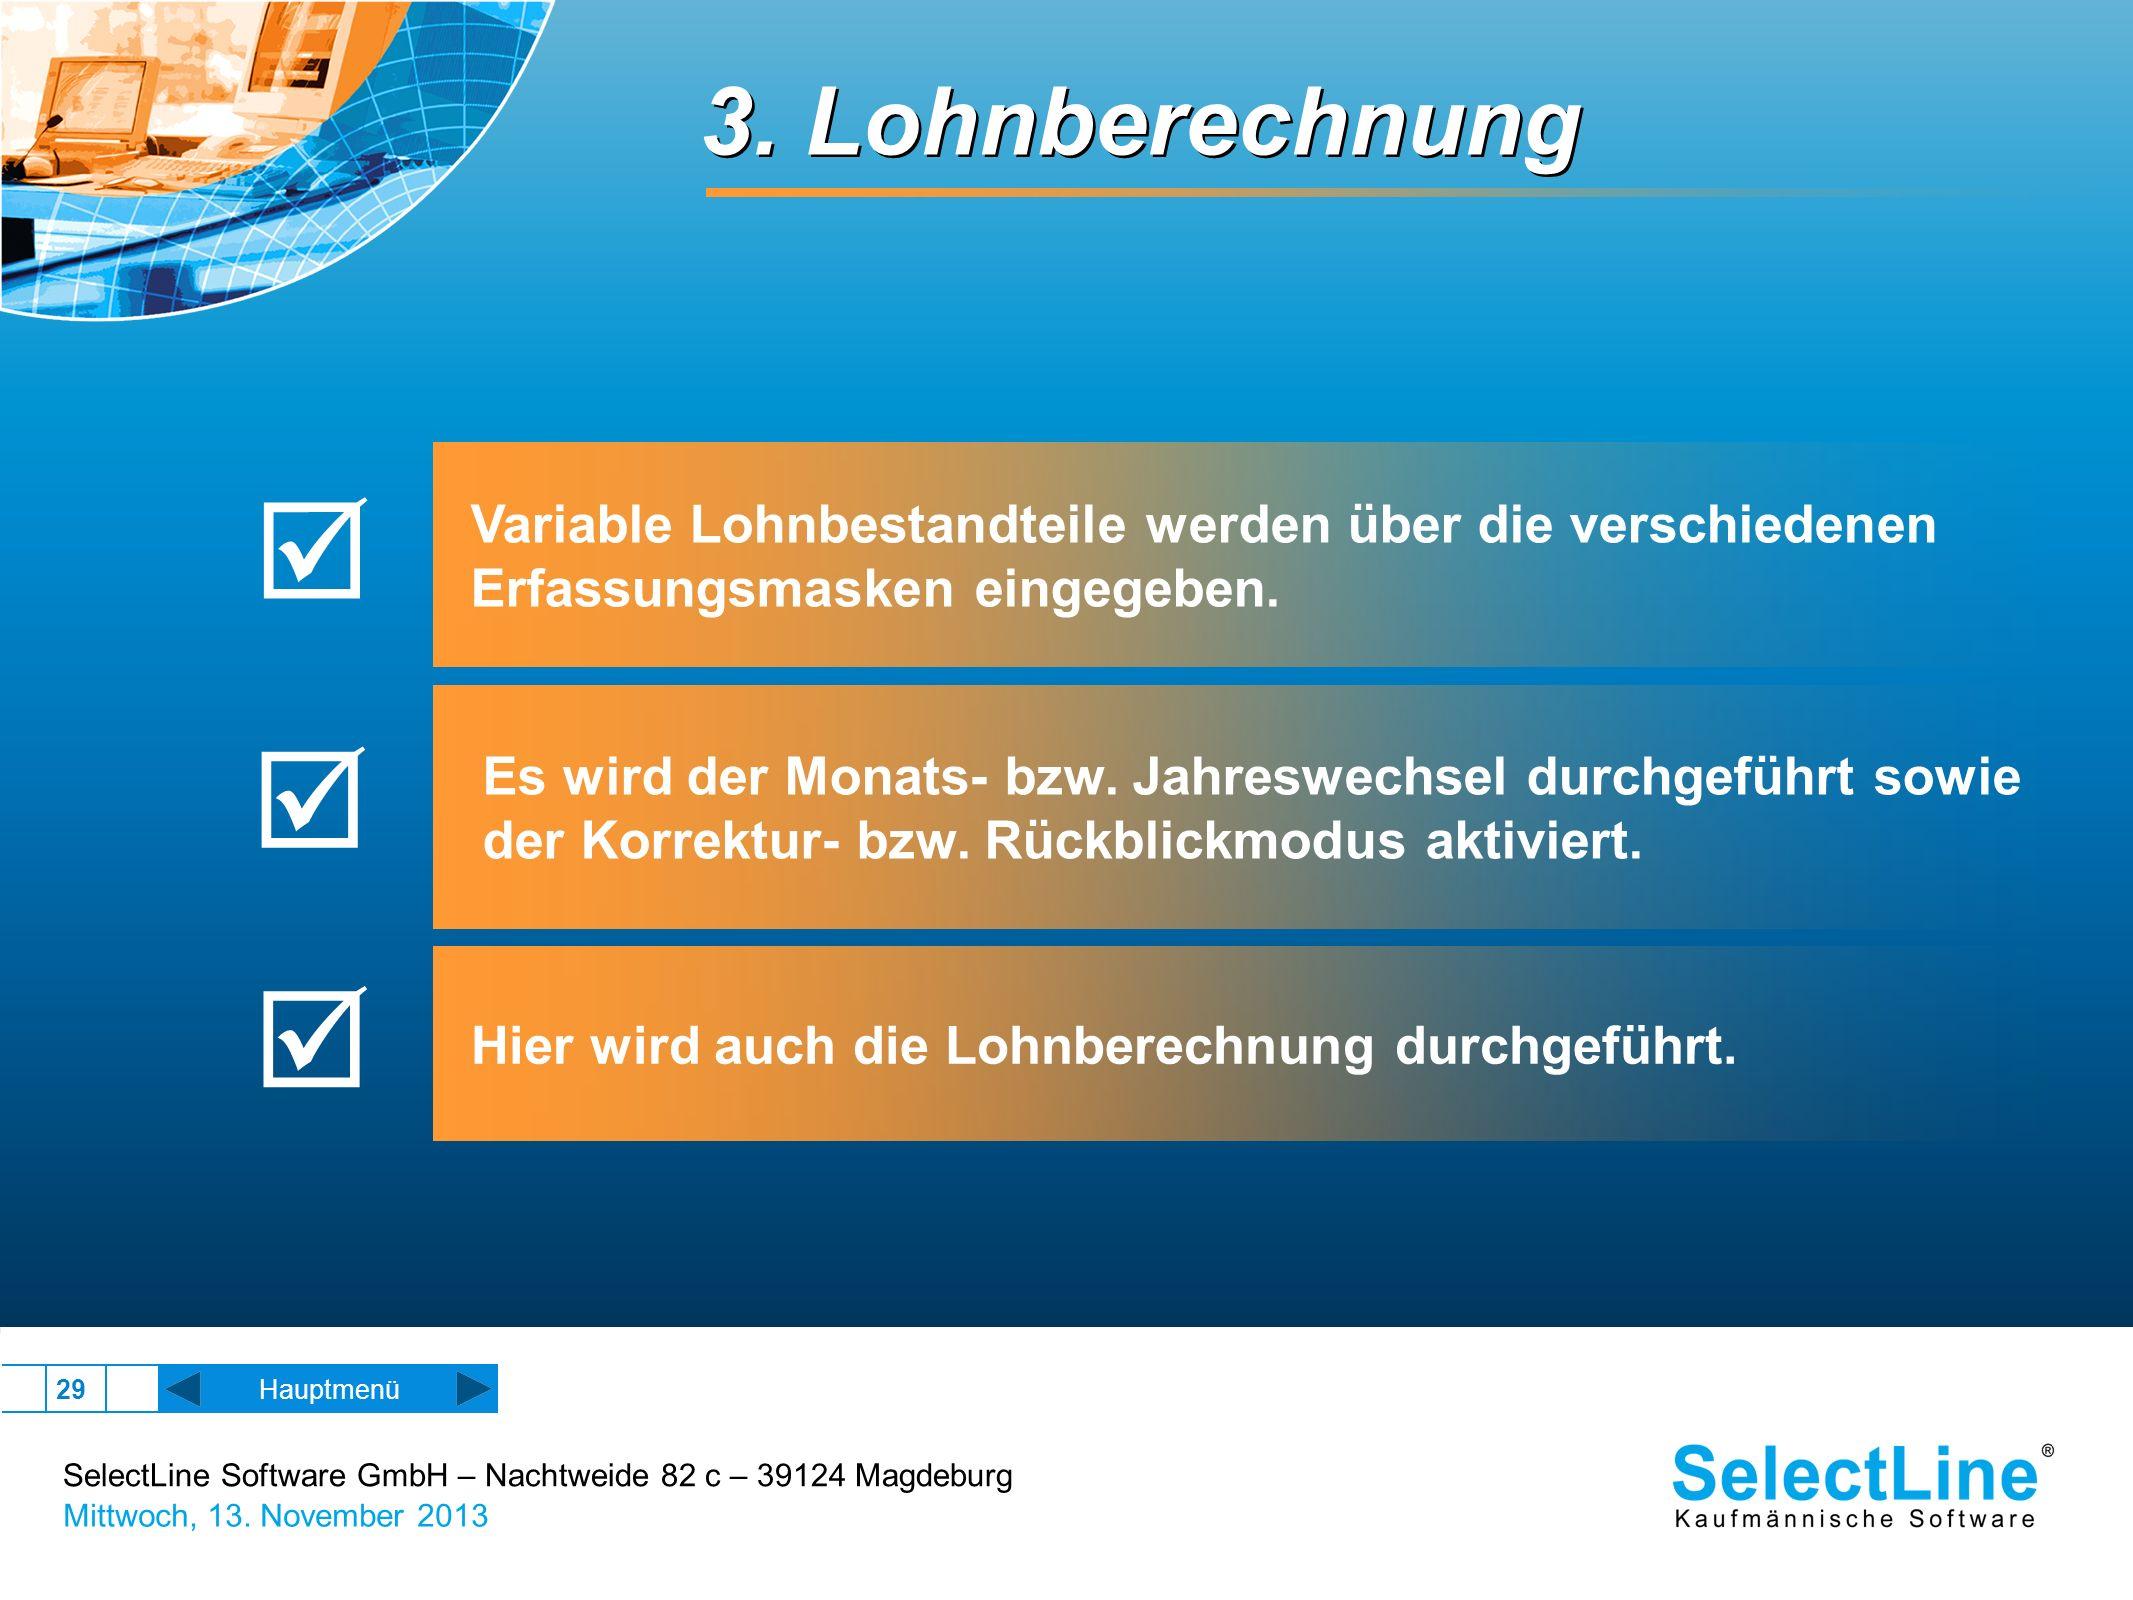 SelectLine Software GmbH – Nachtweide 82 c – 39124 Magdeburg Mittwoch, 13. November 2013 29 Hauptmenü 3. Lohnberechnung Variable Lohnbestandteile werd